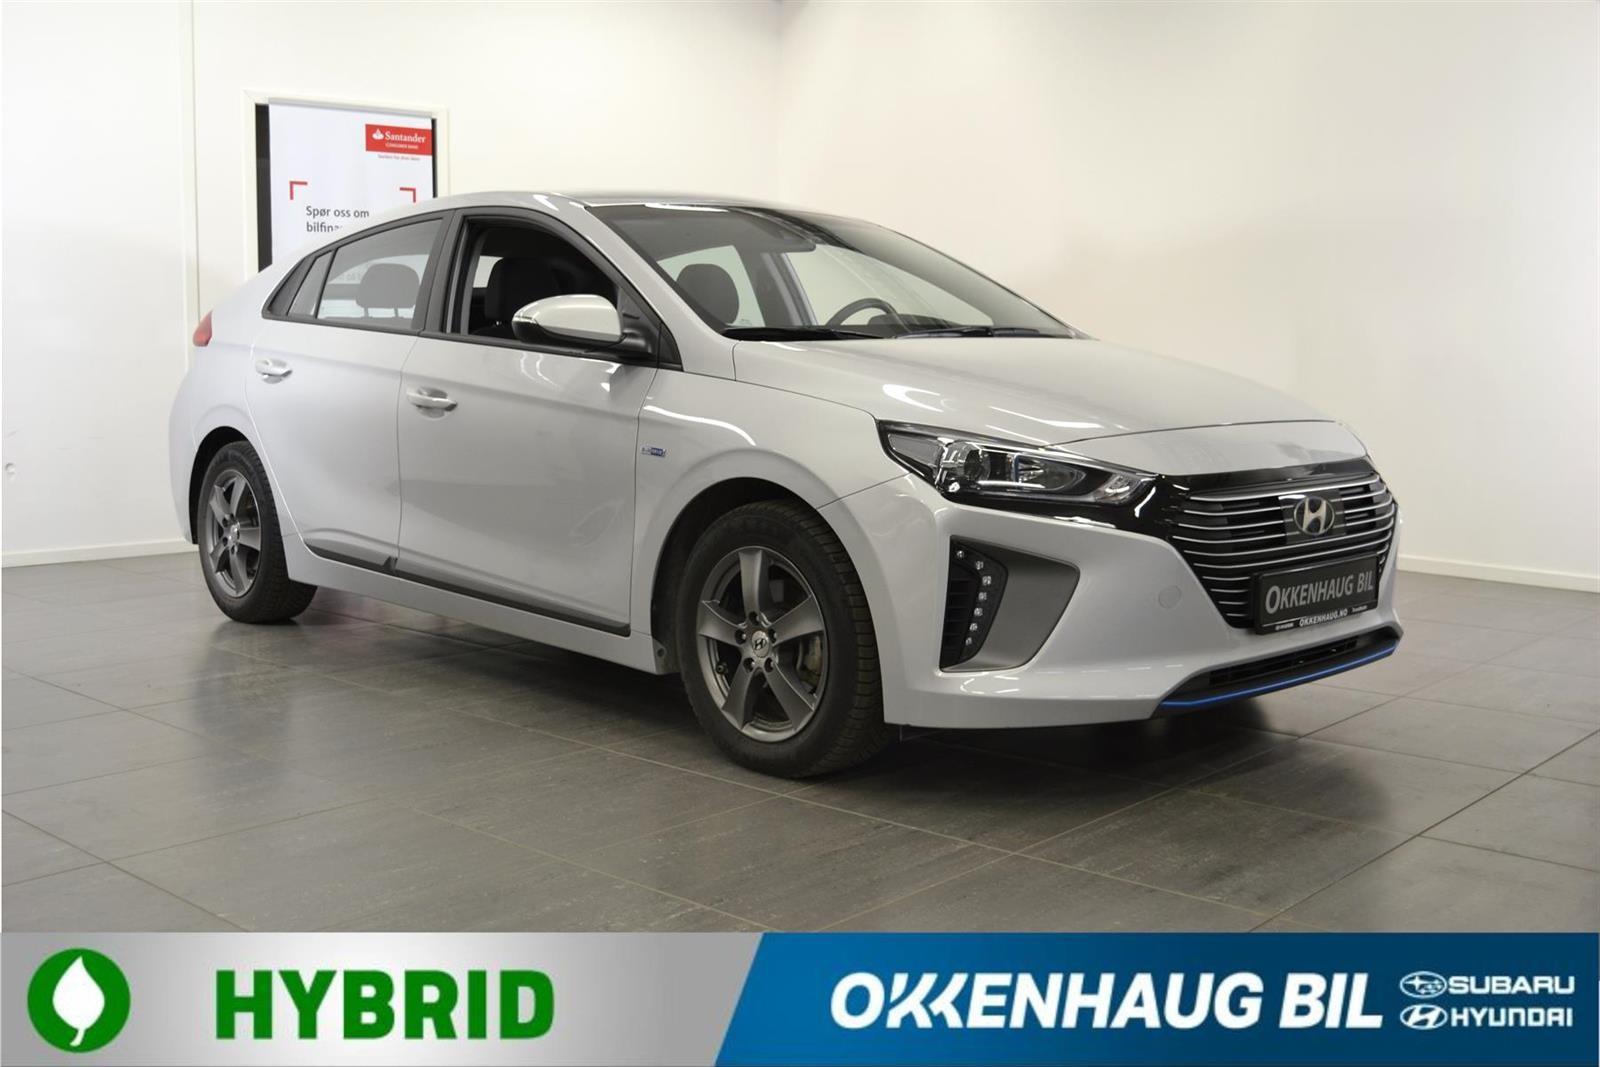 Hyundai Ioniq Slide 0